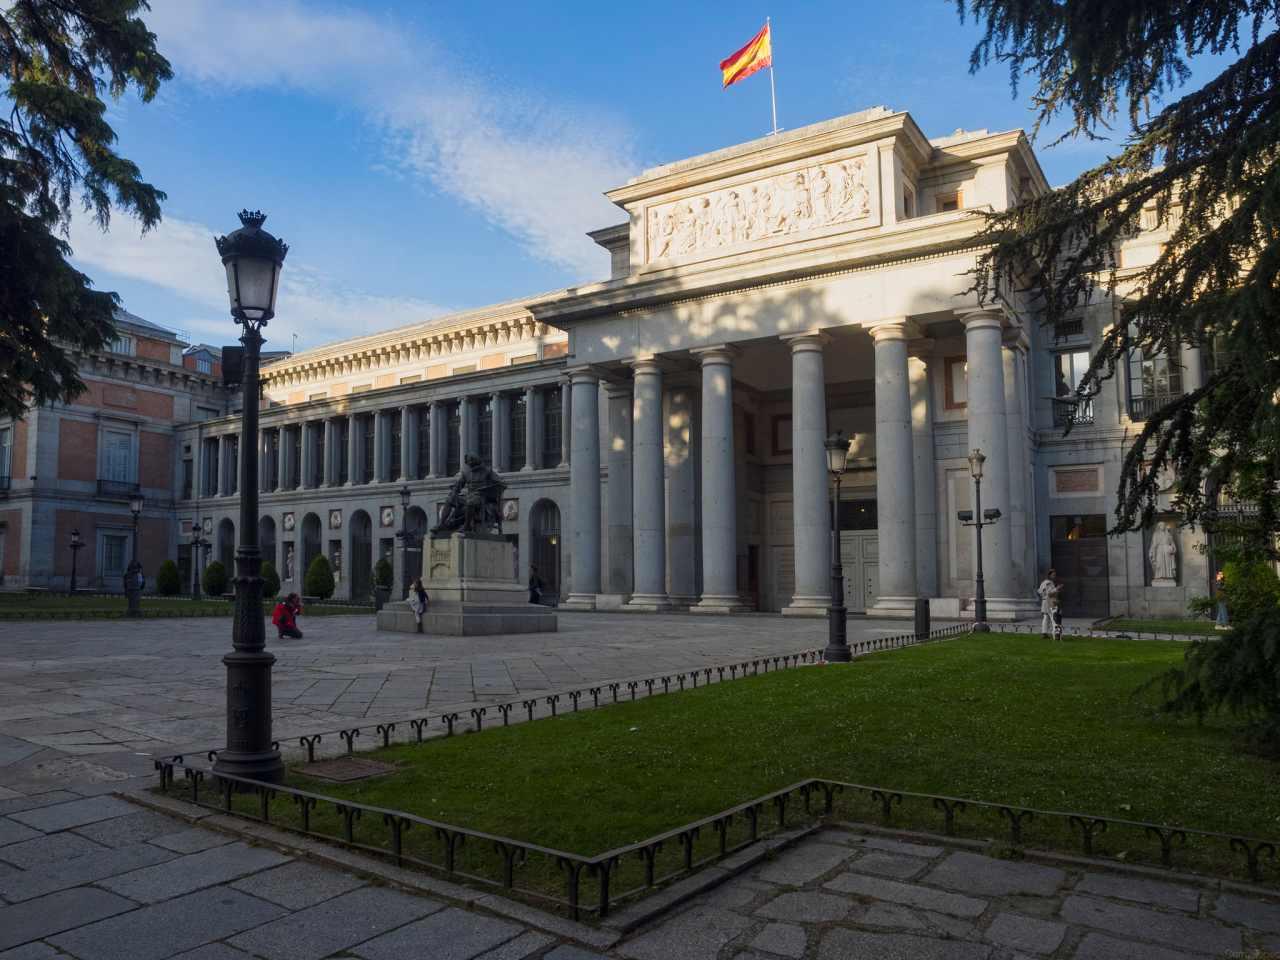 Museo del Prado, Madrid, Spain